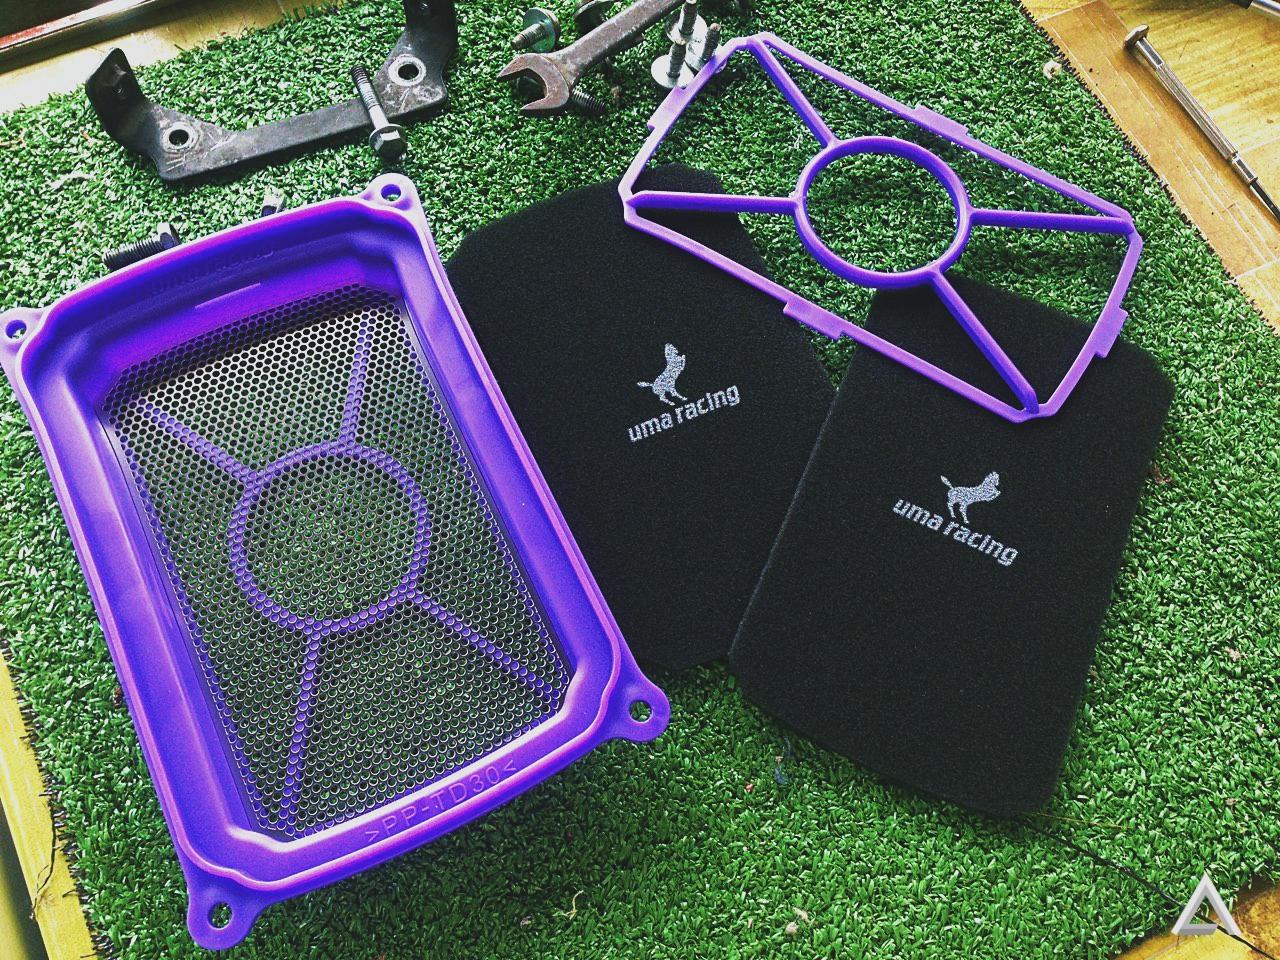 Uma Racing Air Filter Dual Kit - Benda Boleh Cuci, Buat Apa Beli Baru